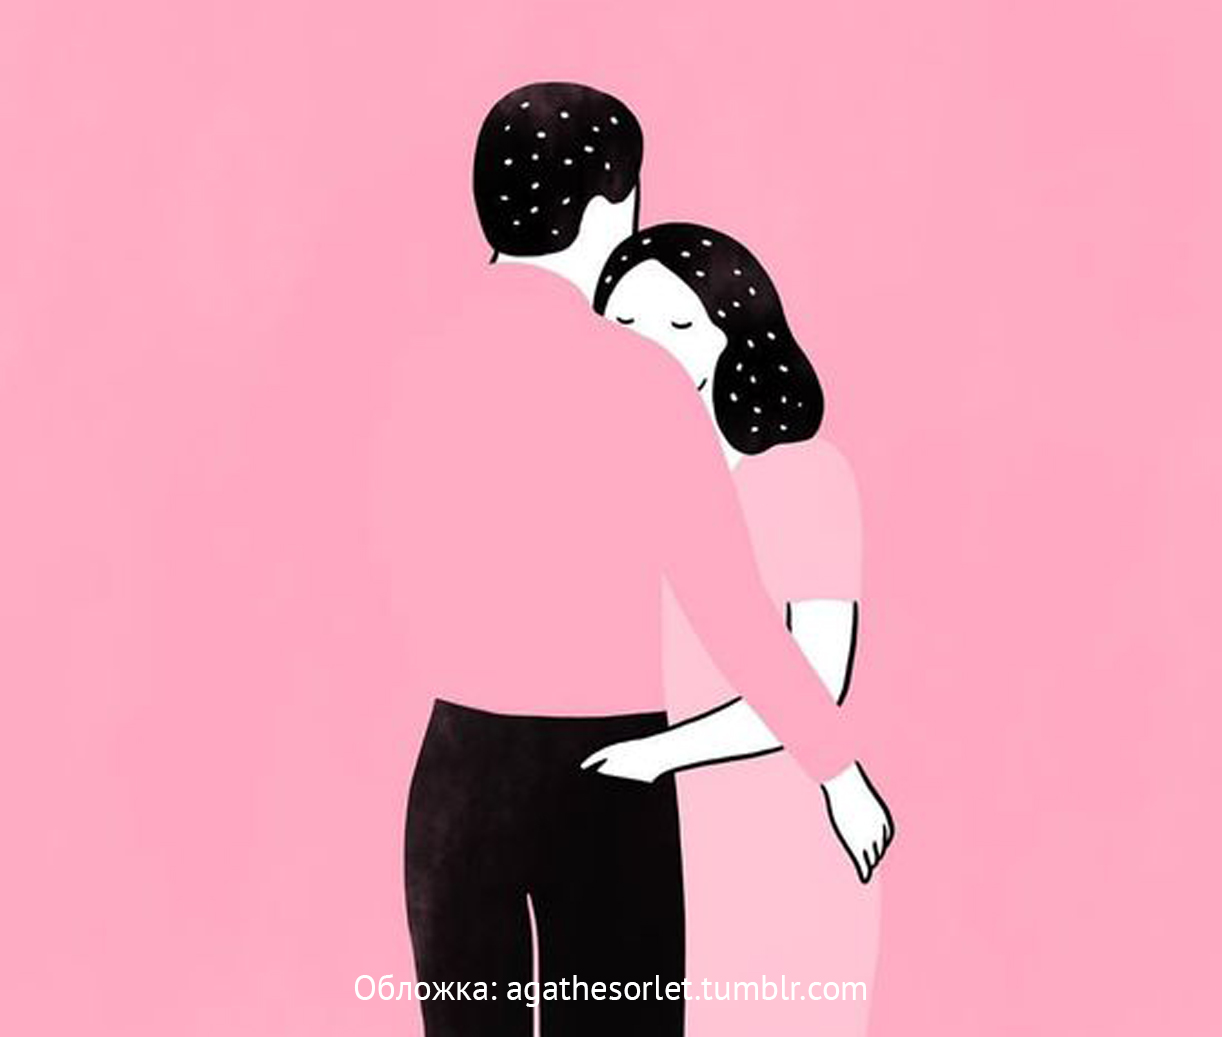 Авторская колонка Оксаны Луканиной: существует ли любовь на расстоянии